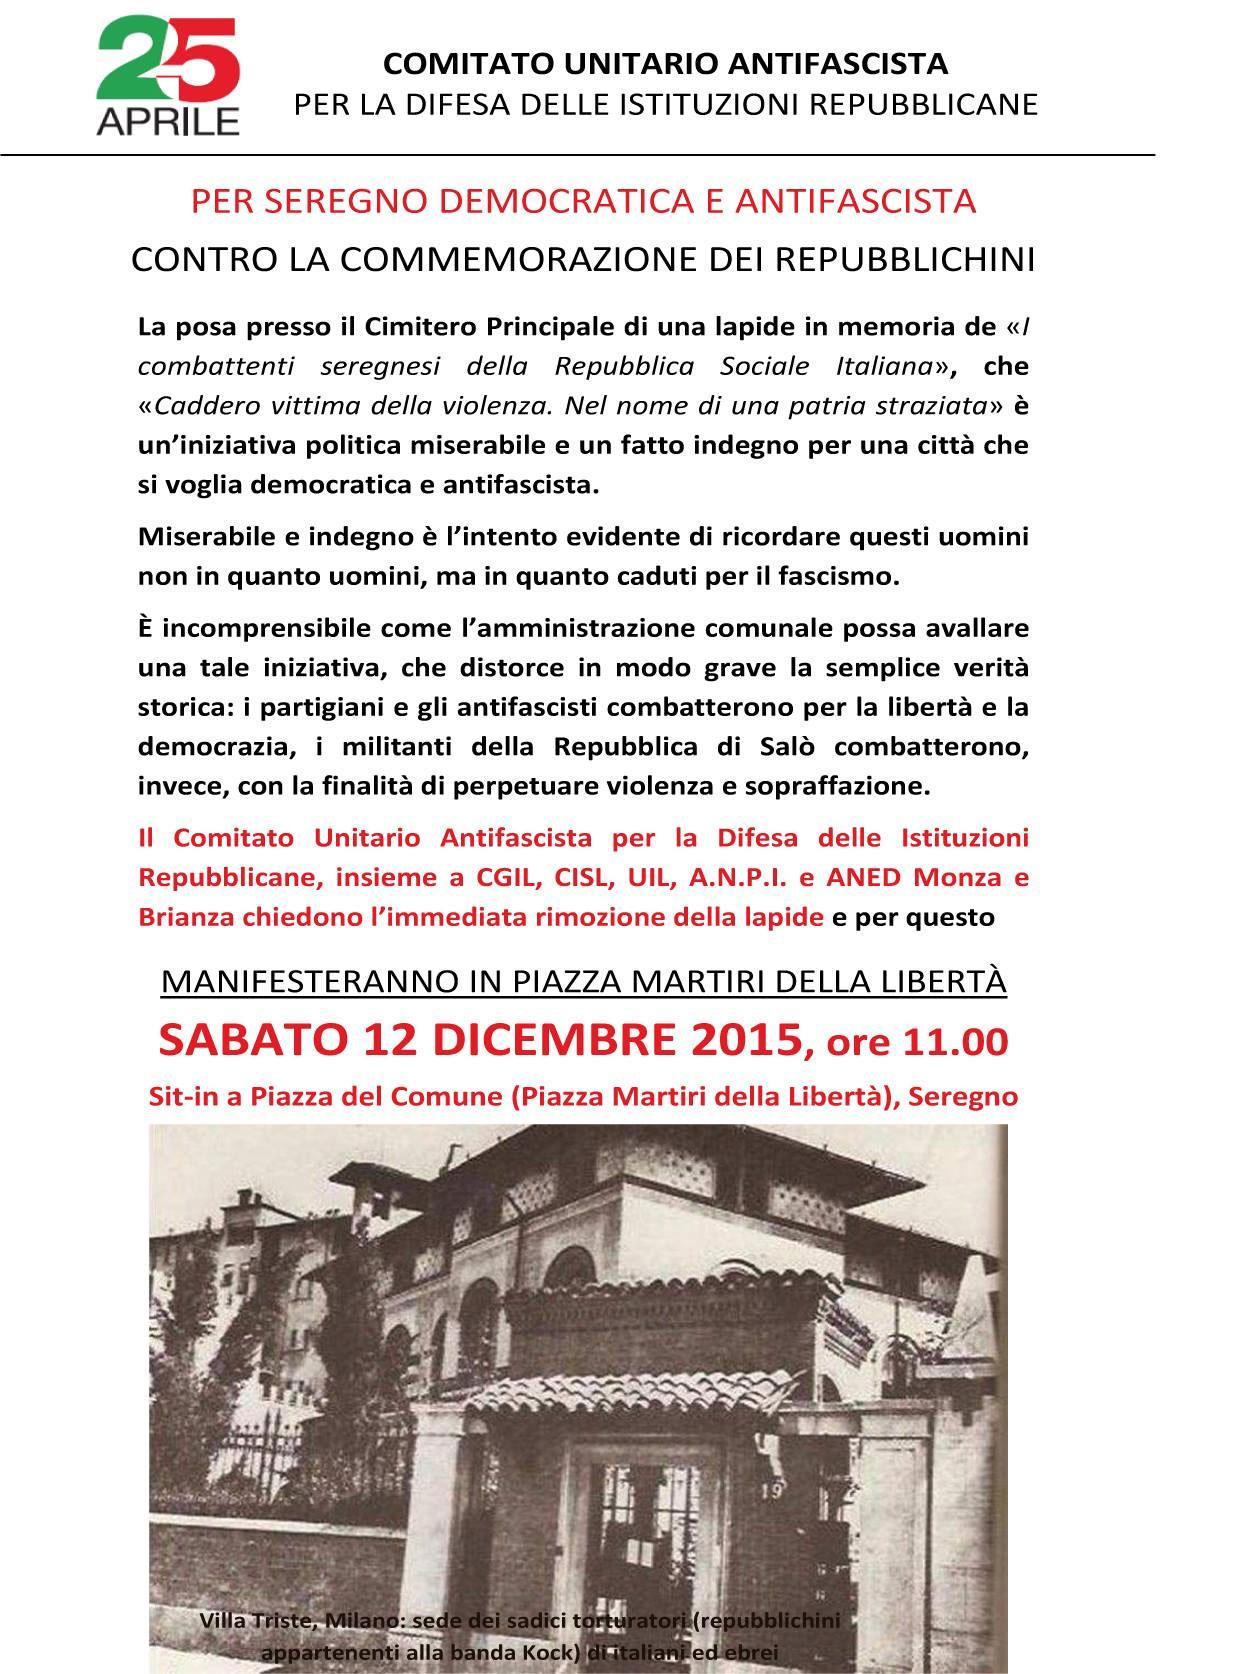 20151212_contro_commemorazione_repubblichini_seregno_1242x1674